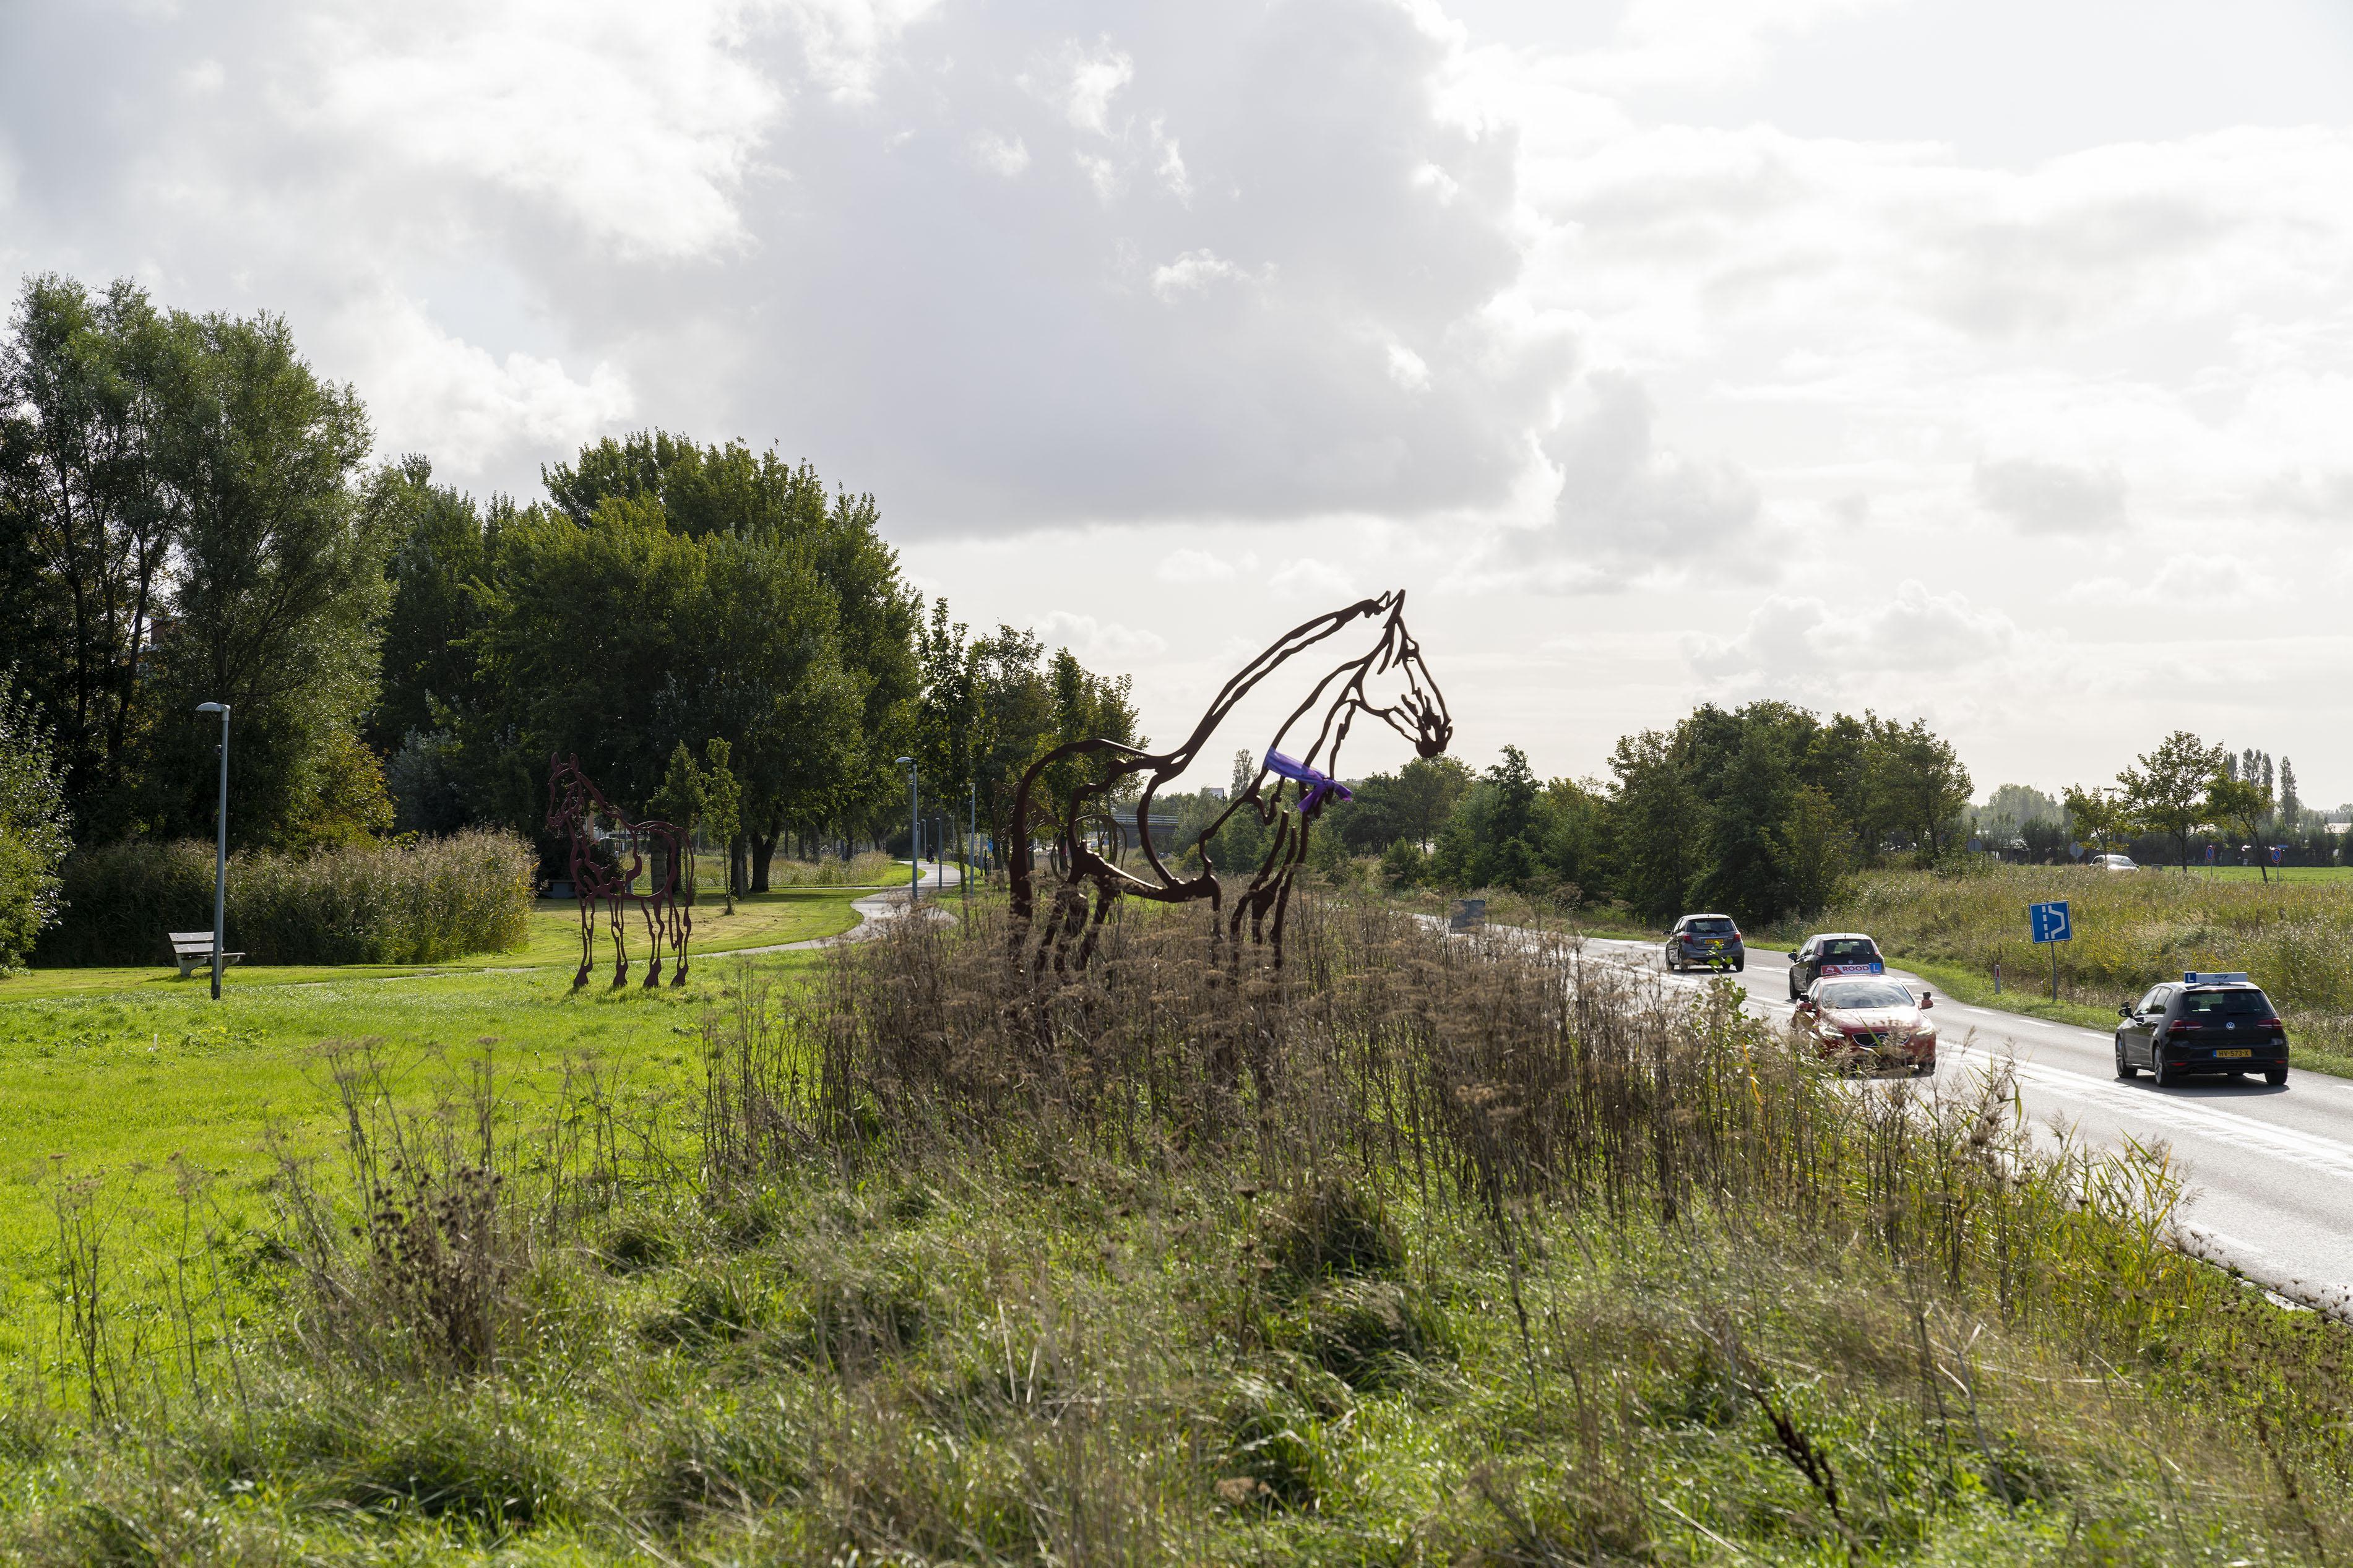 Valkenburger draagt 'veiliggesteld' paardenkunstwerk over aan gemeente: 'Blij dat de politie het onderzoek nu laat liggen'